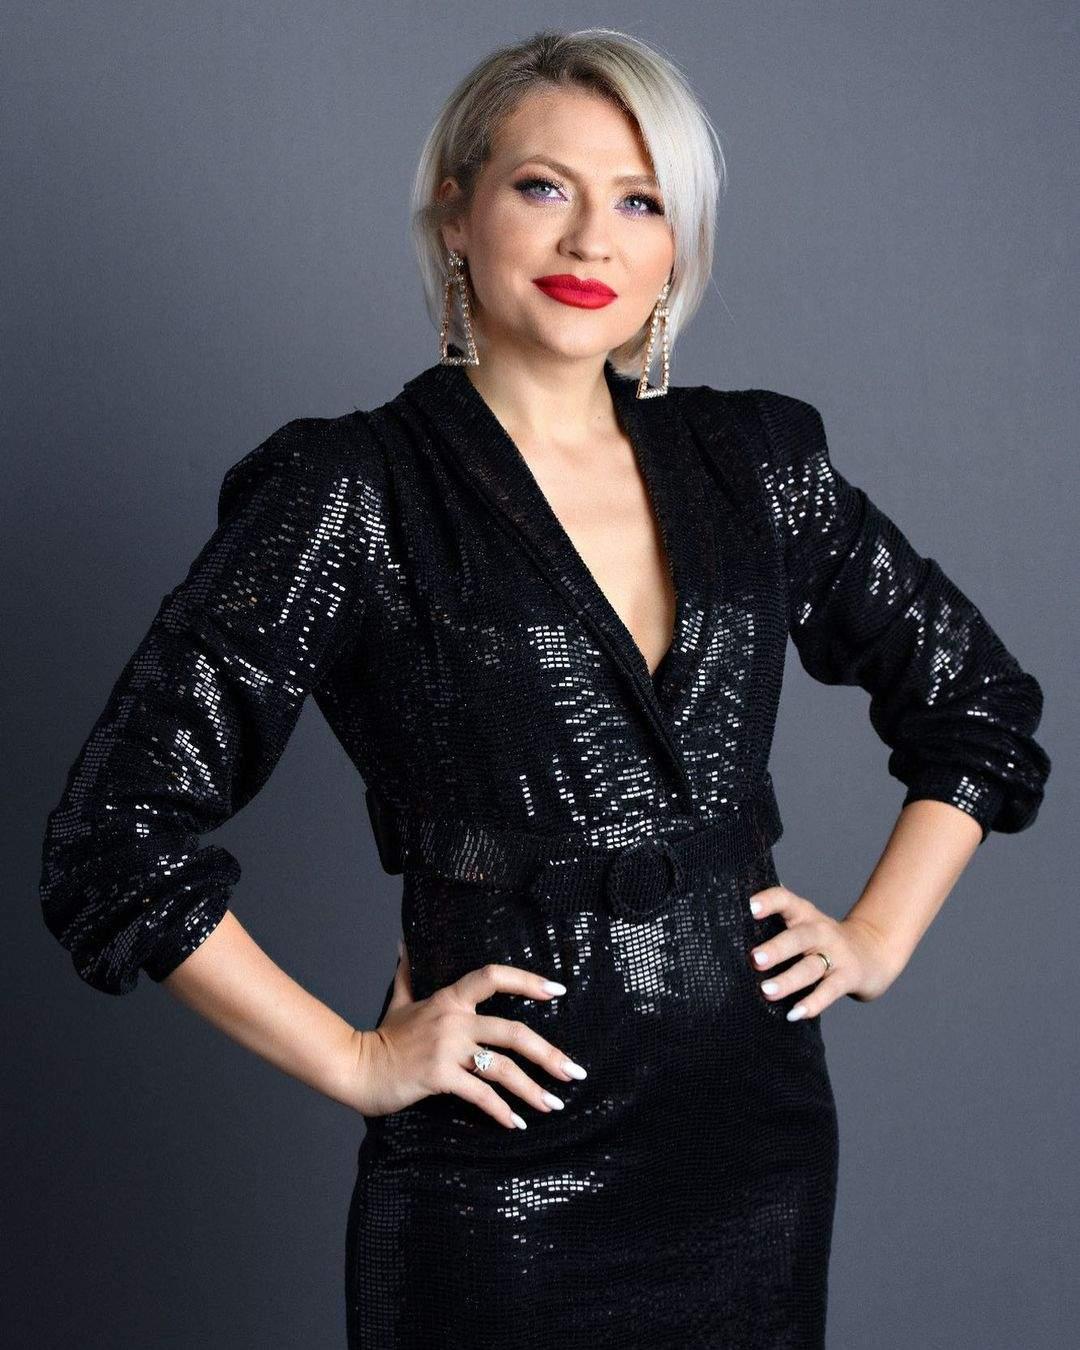 Mirela Vaida în rochie neagră, ședință foto.